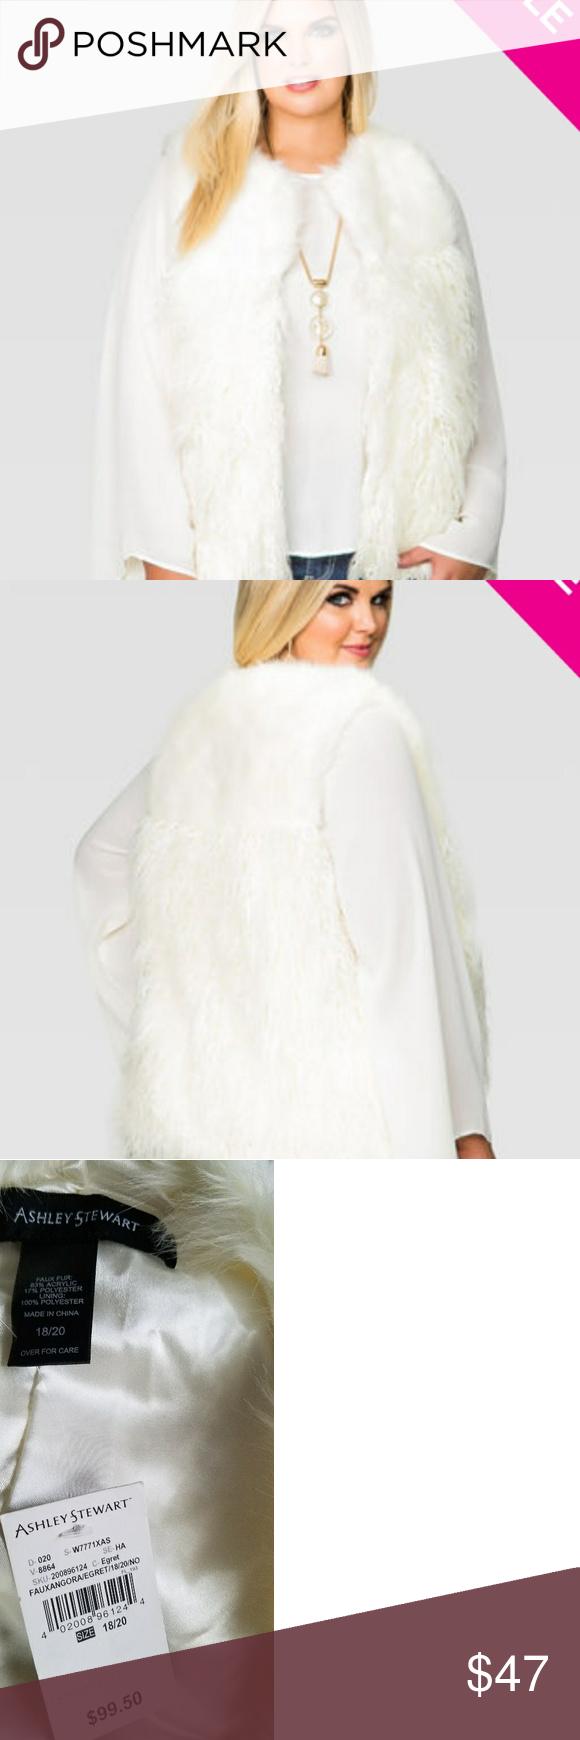 1764701a2d8f5 Ashley Stewart Jackets   Coats Vests. Faux Angora Vest Own the night in  this plus size faux fur vest. Rock it